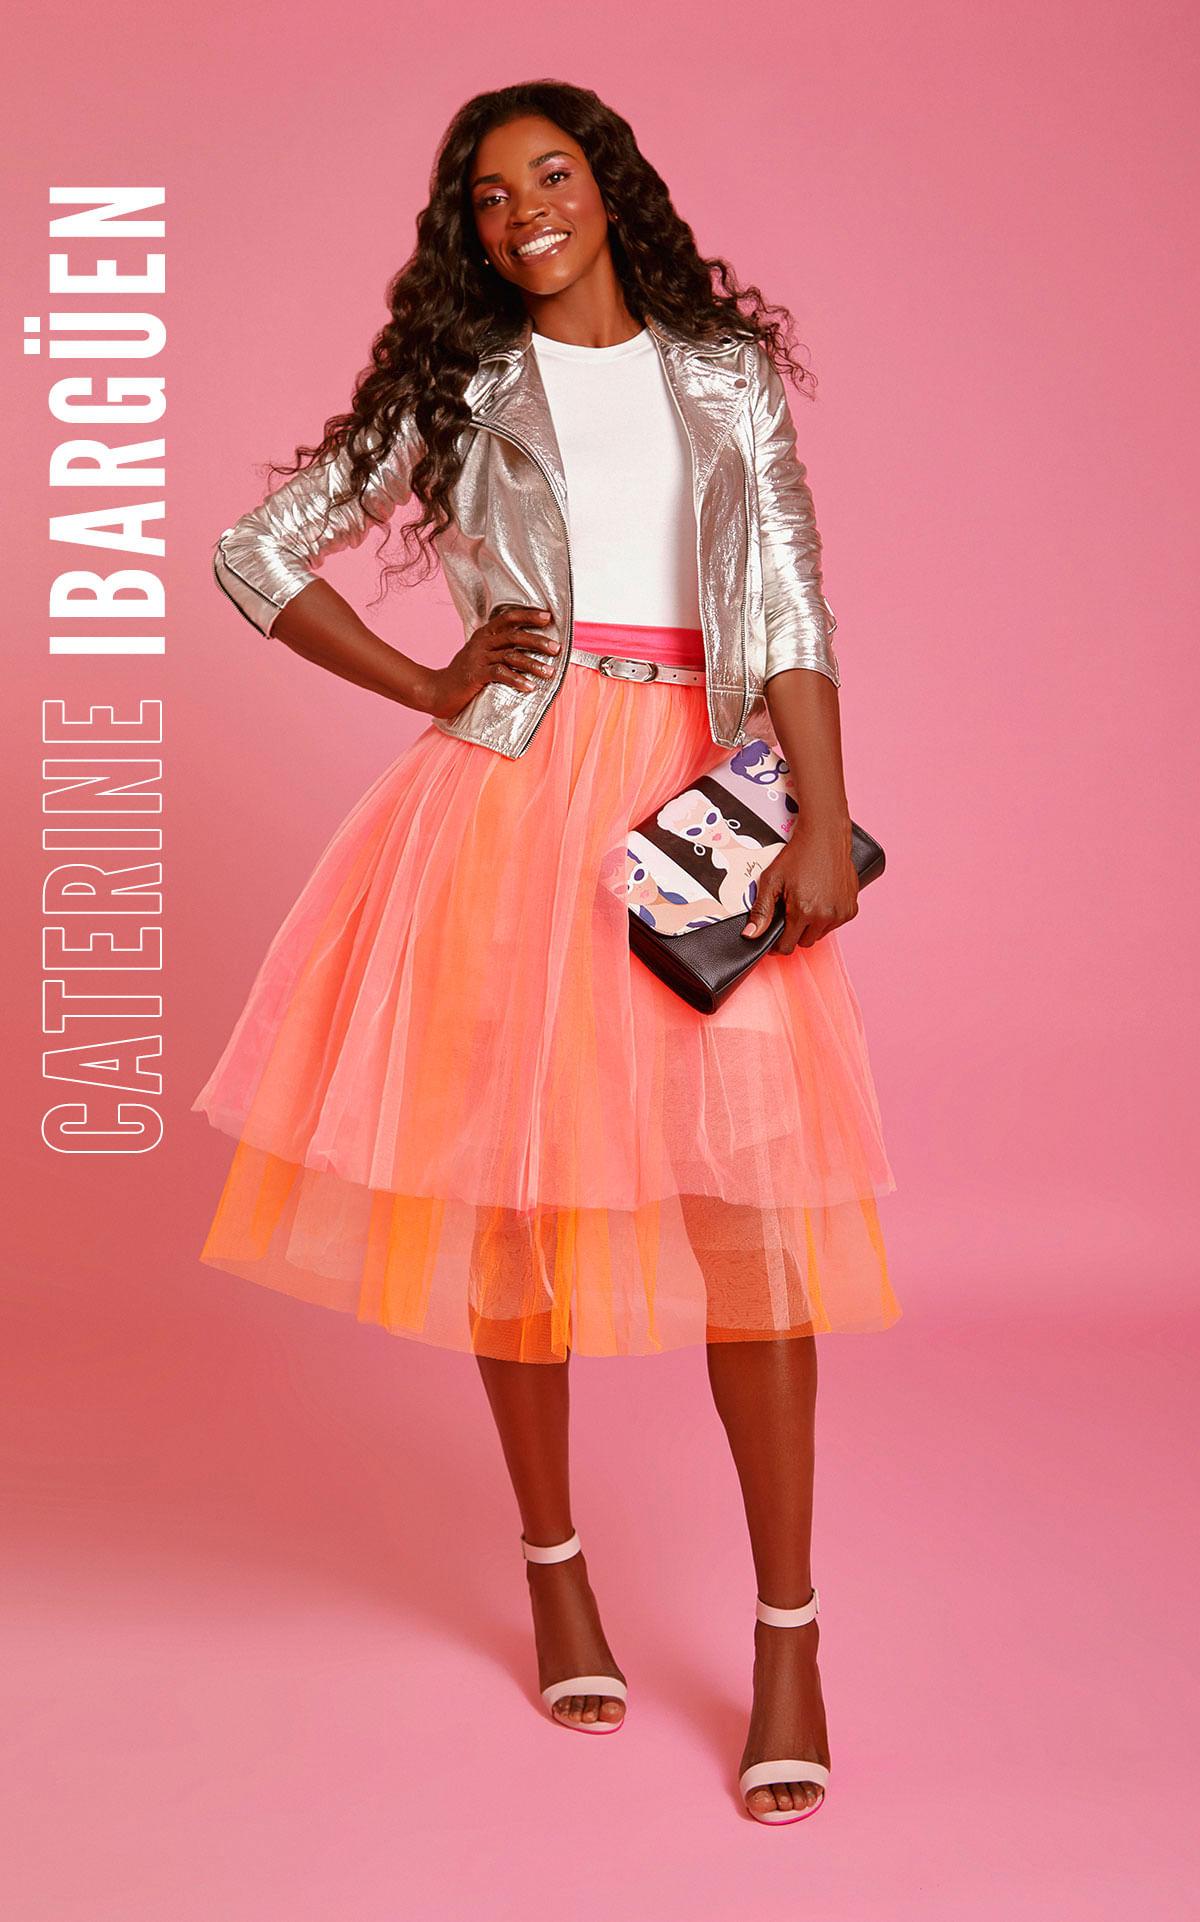 Barbie 60 años inspirando niñas, atleta Caterine Ibarguen, conoce su historia